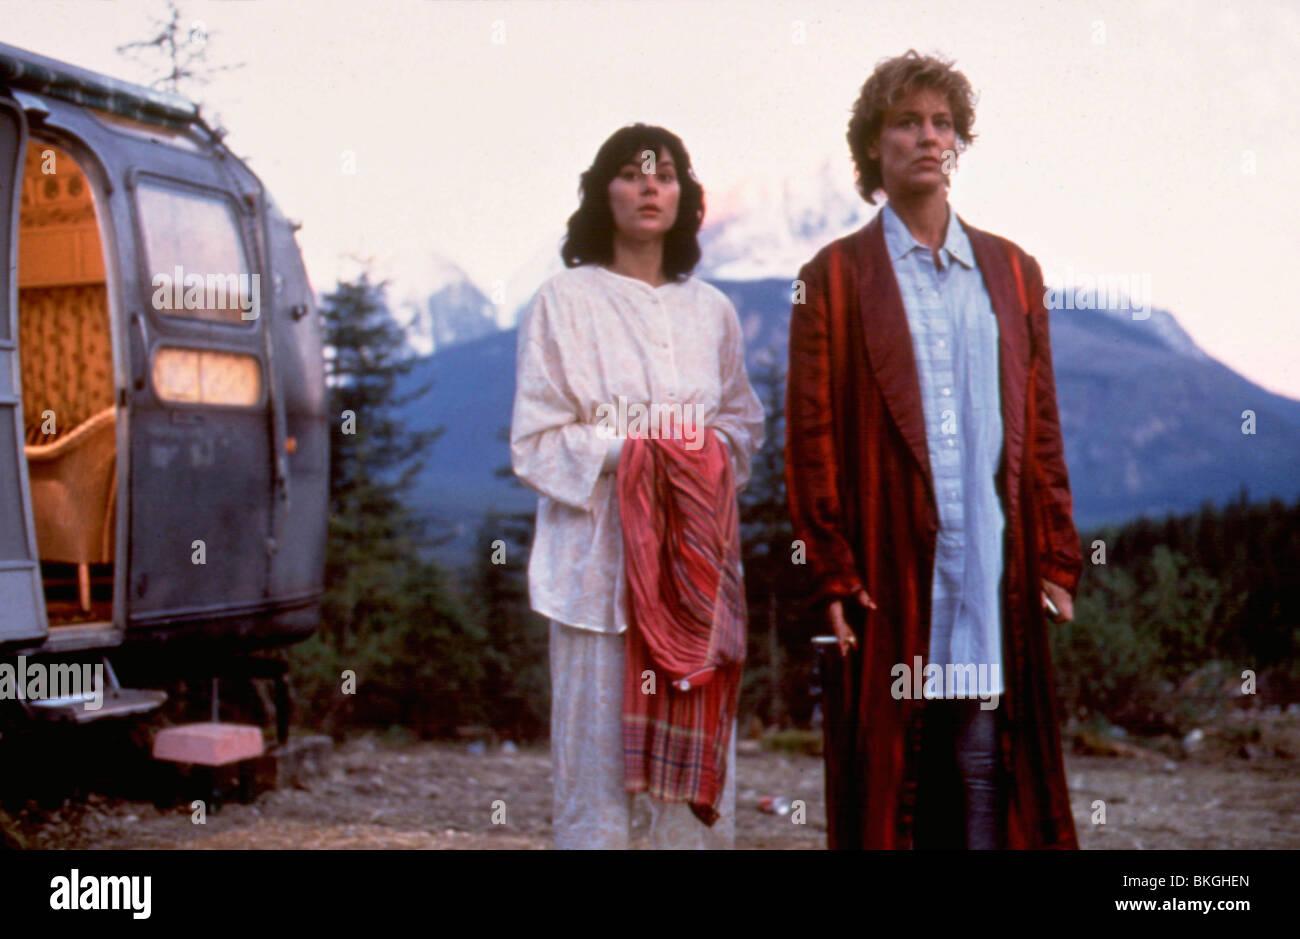 LEAVING NORMAL (1992) MEG TILLY, CHRISTINE LAHTI LNO 003 - Stock Image